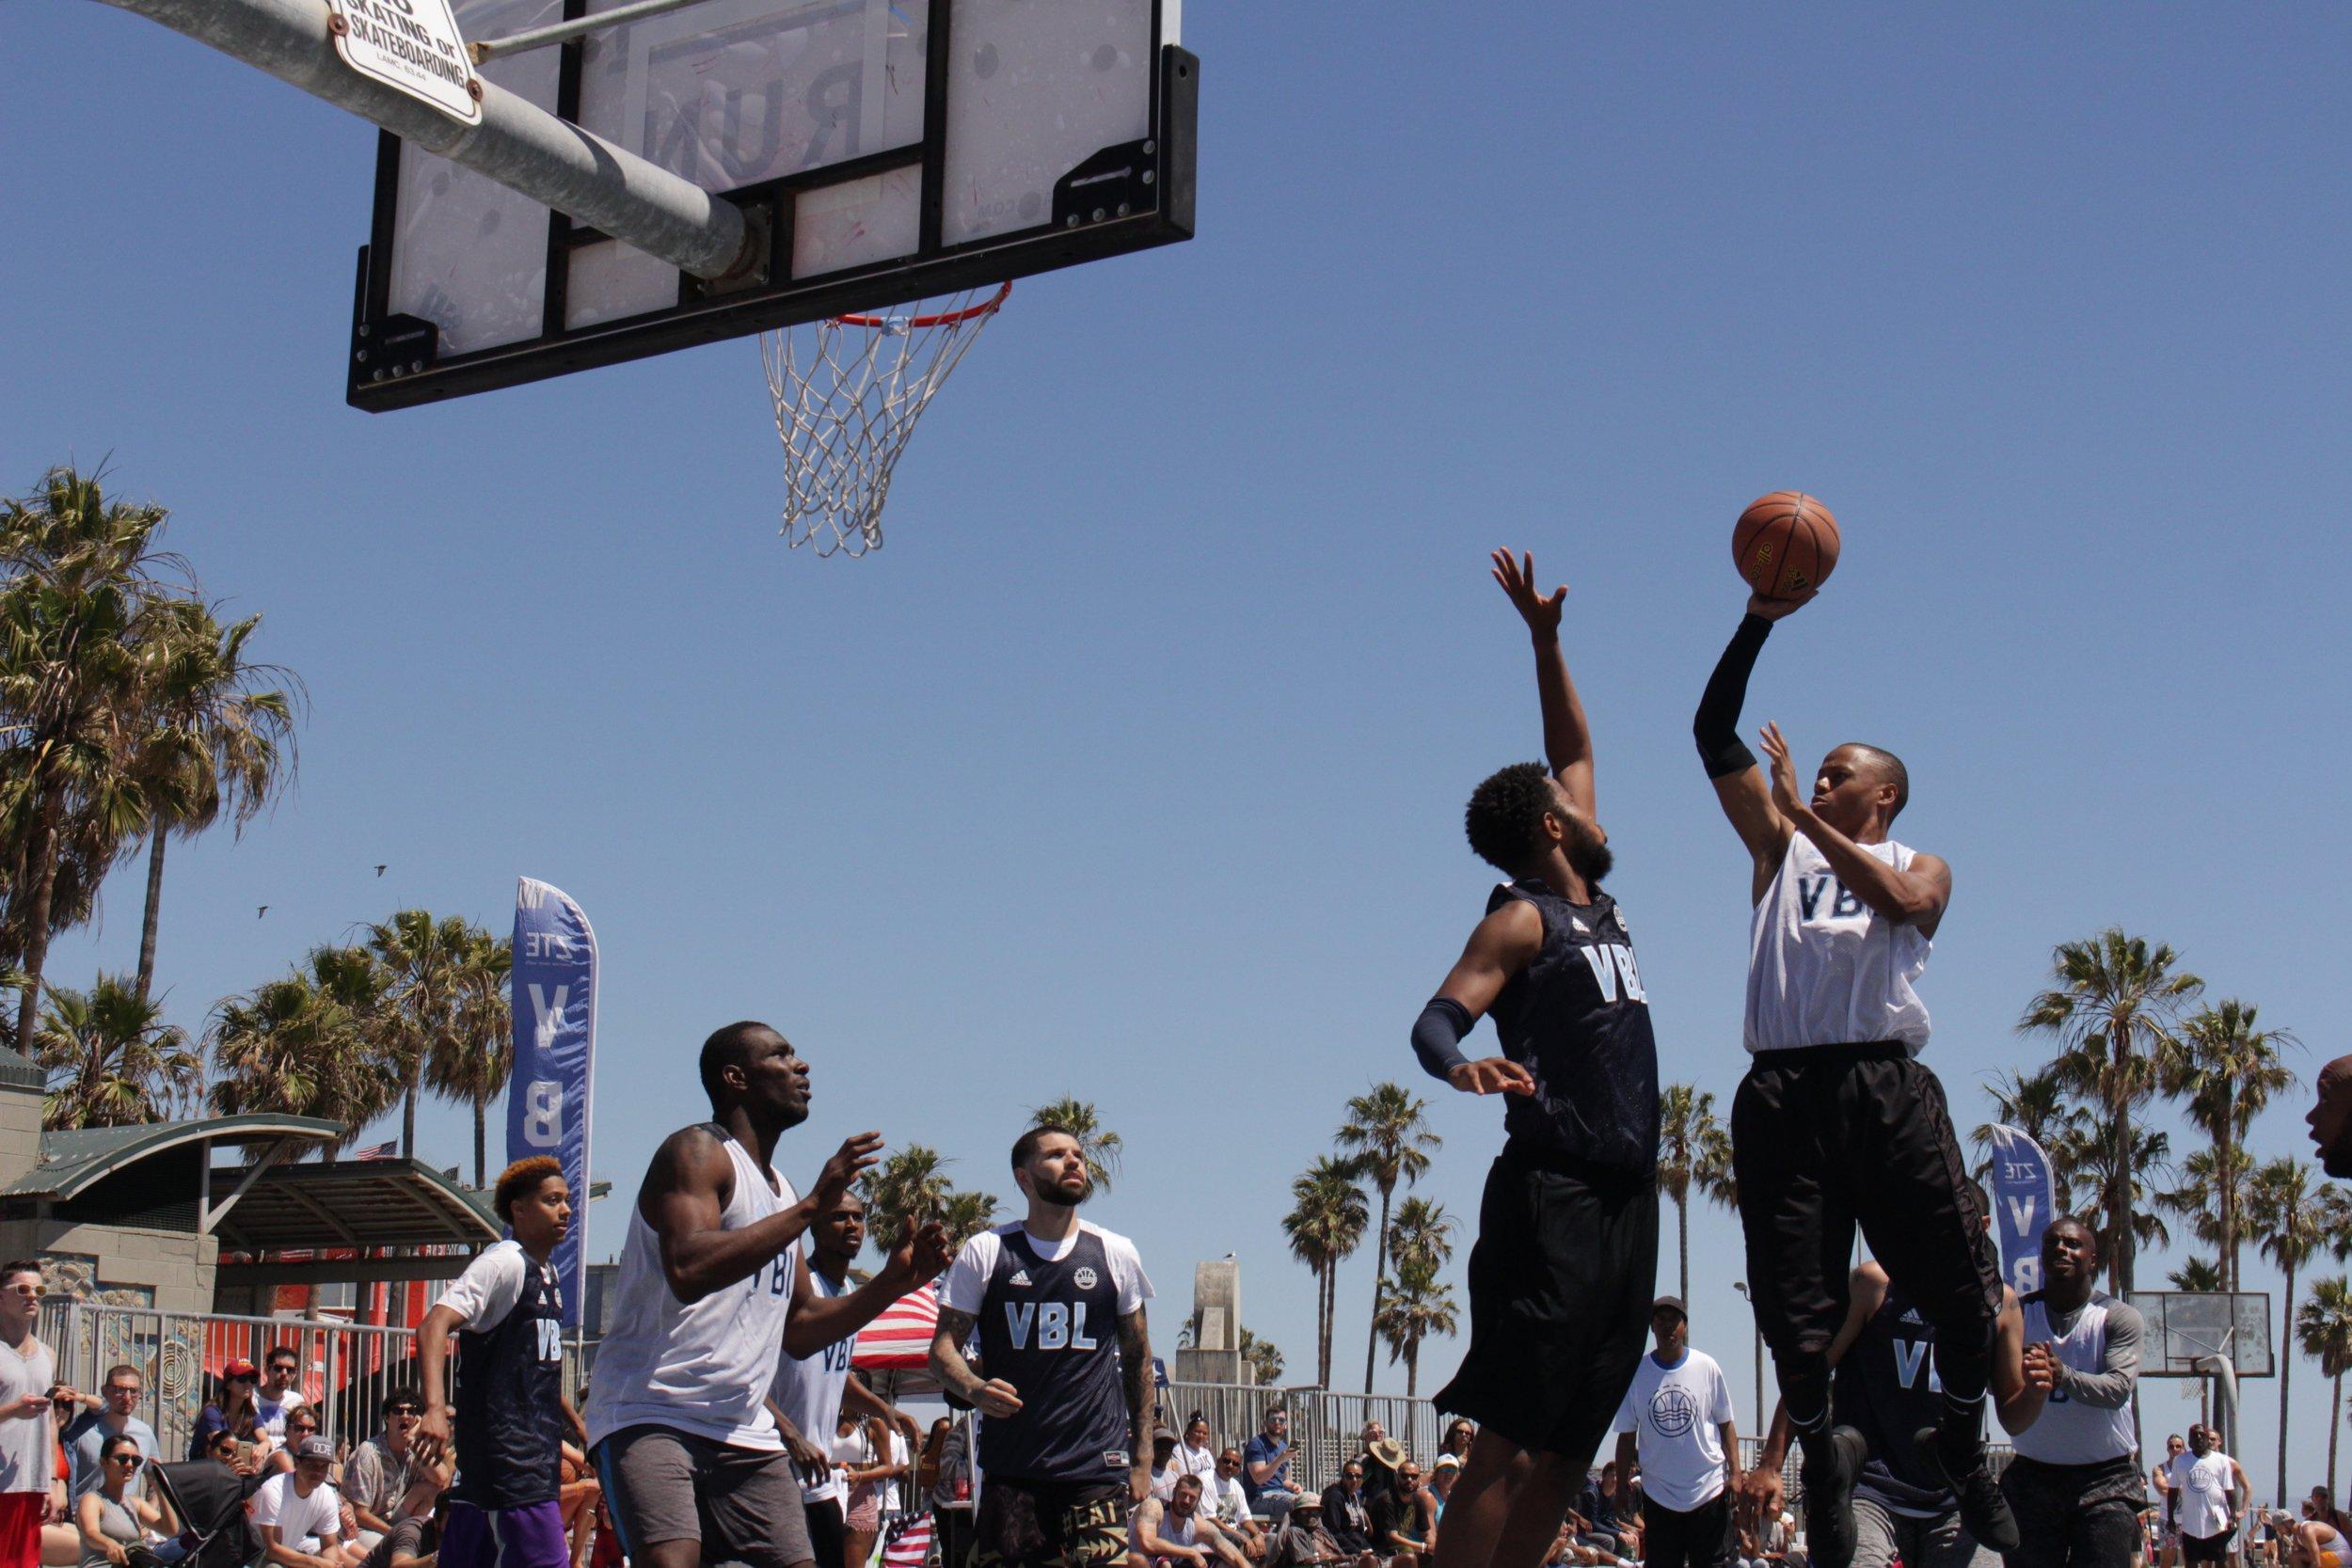 Venice Basketball League, 2017